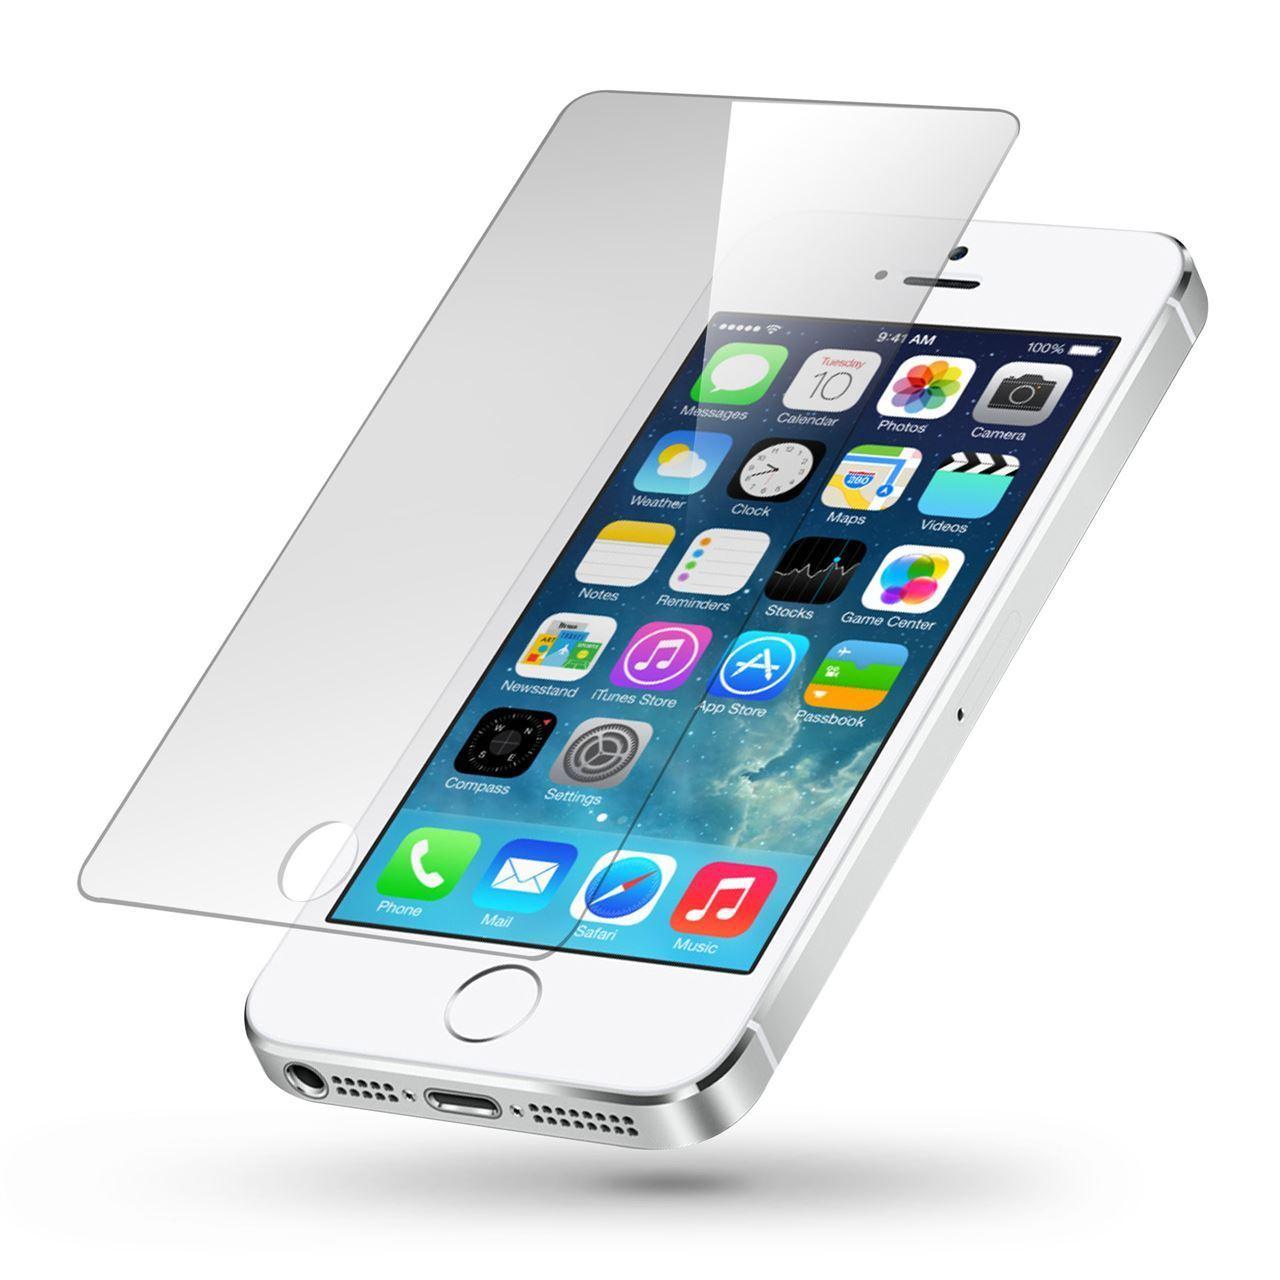 iPhone 5/5S und SE Panzerglas 9H Schutzglas Schutzfolie Panzerfolie - Angebot -